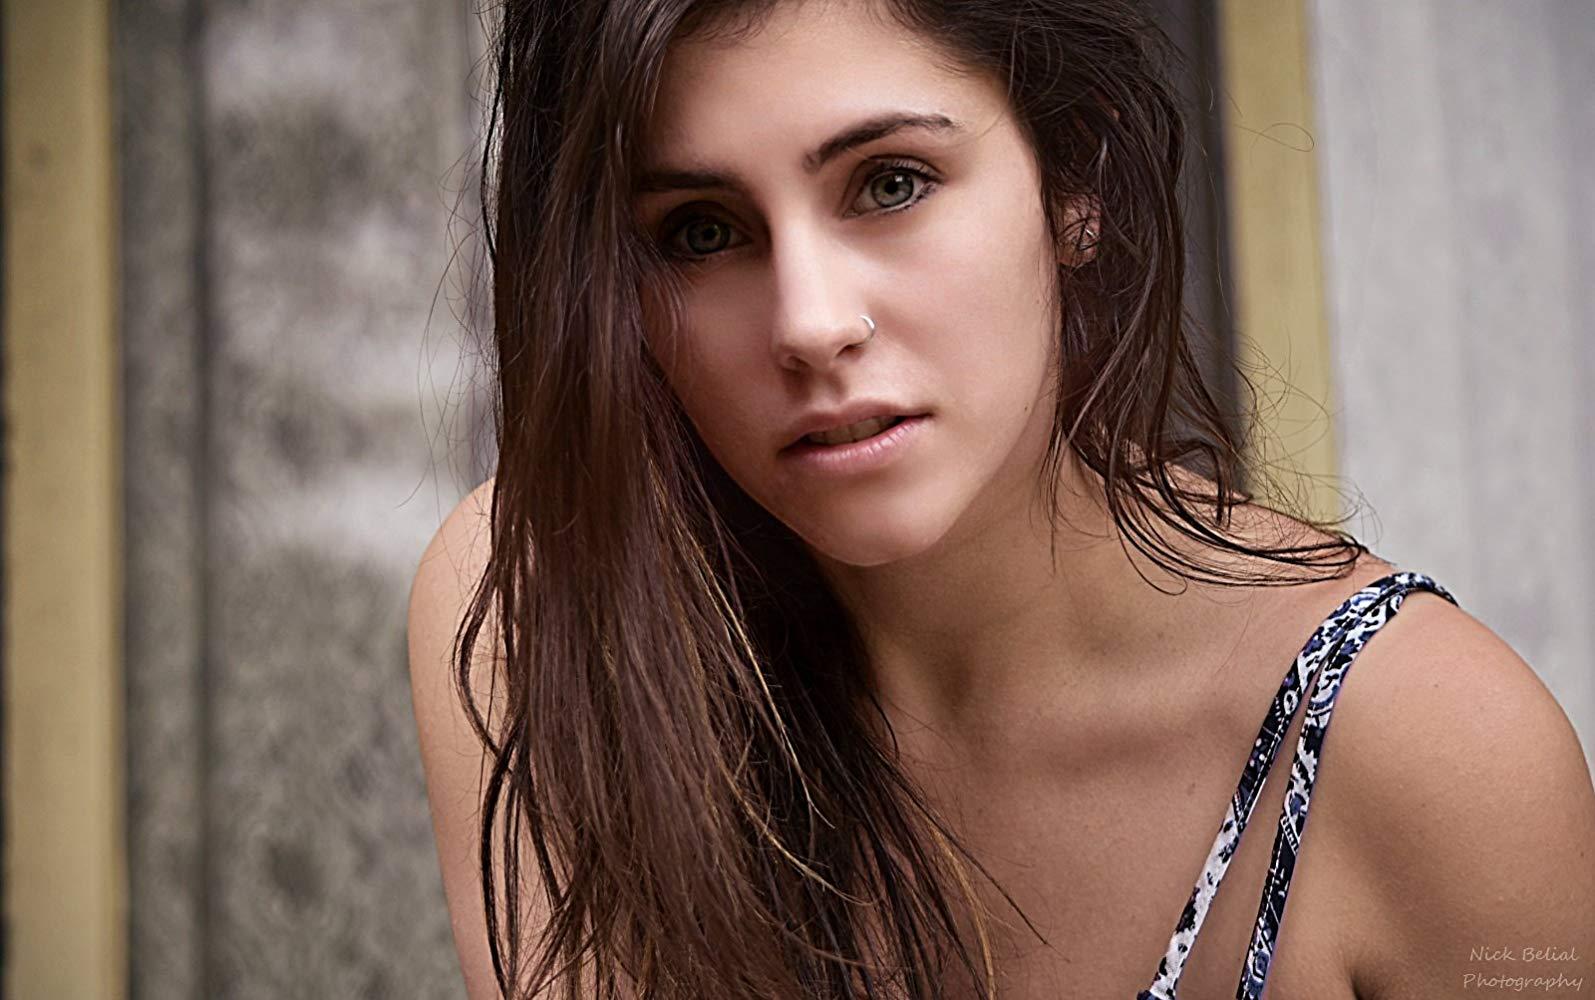 Hannah Kleeman